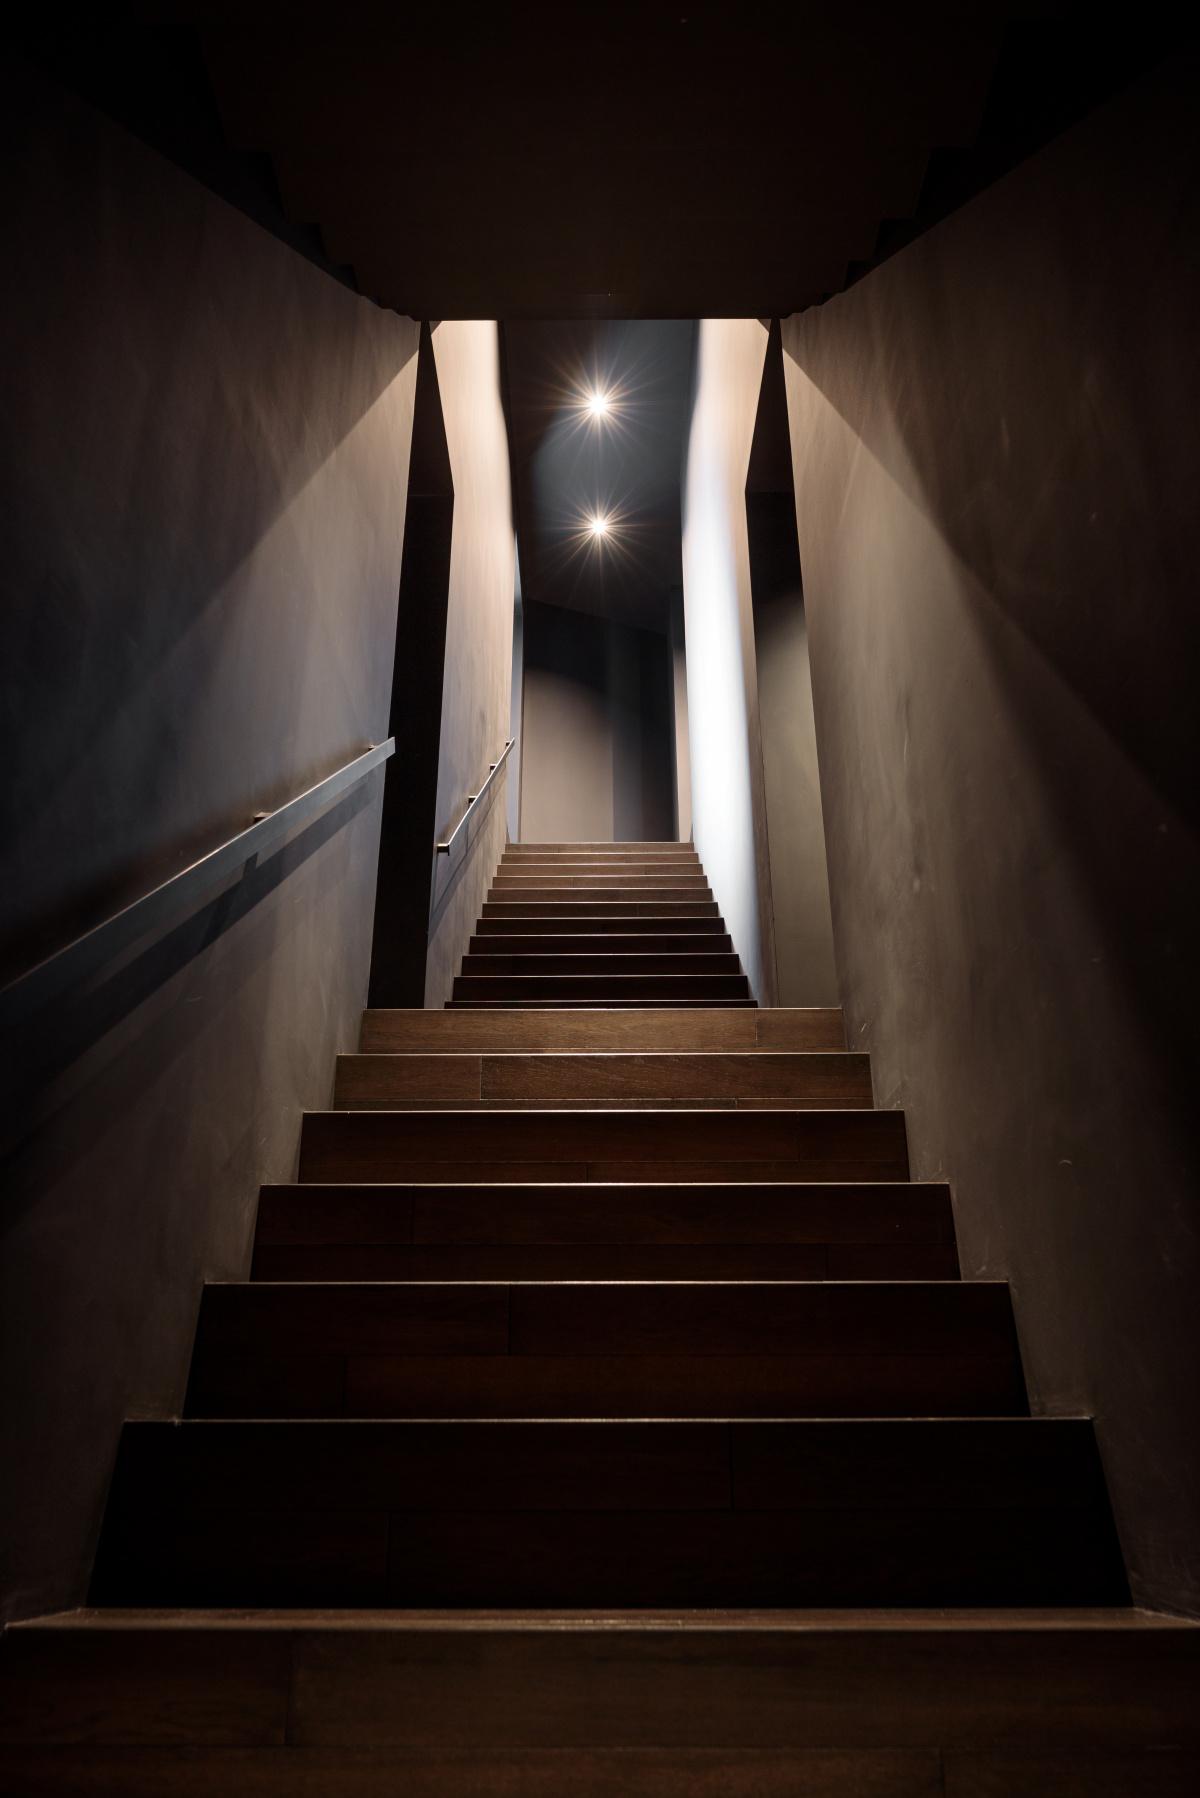 天理駅前広場のコフフンとカシヤマダイカンヤマ、そして階段の家、で階段三部作。